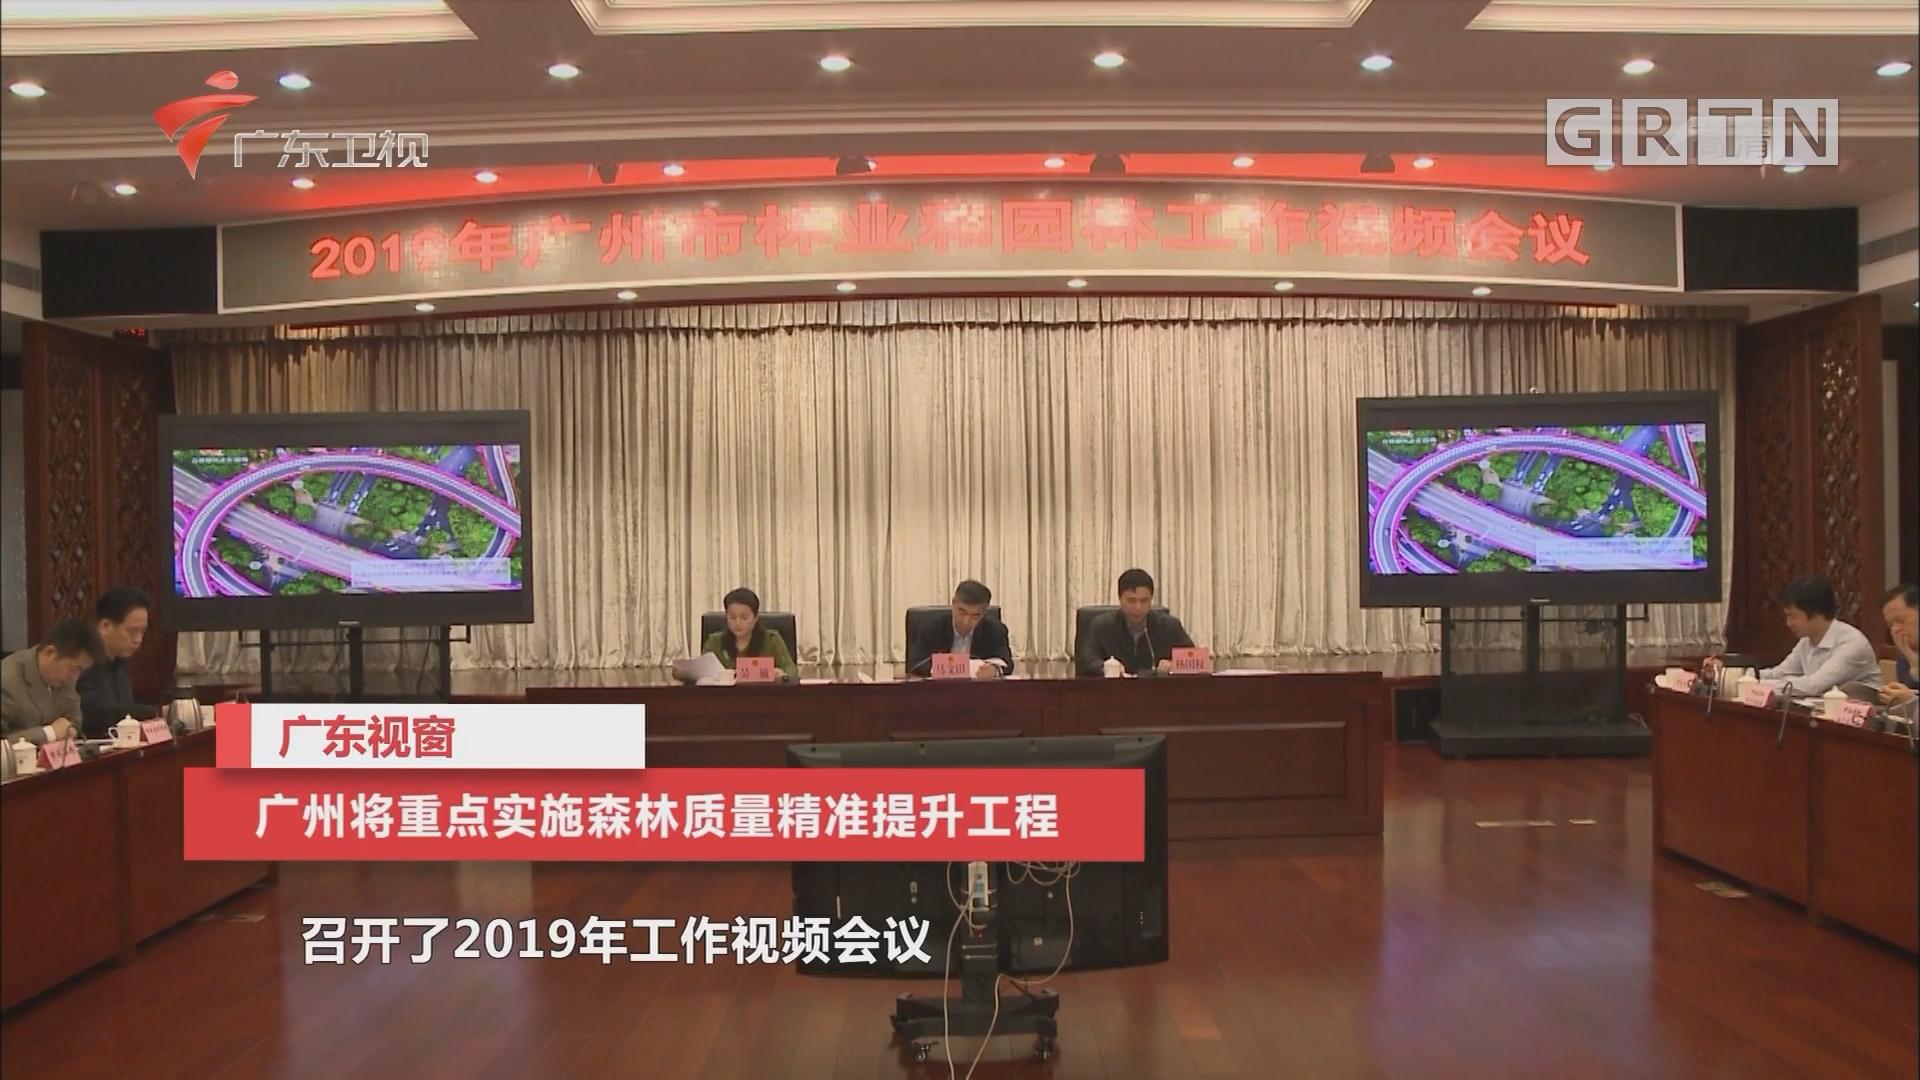 广州将重点实施森林质量精准提升工程